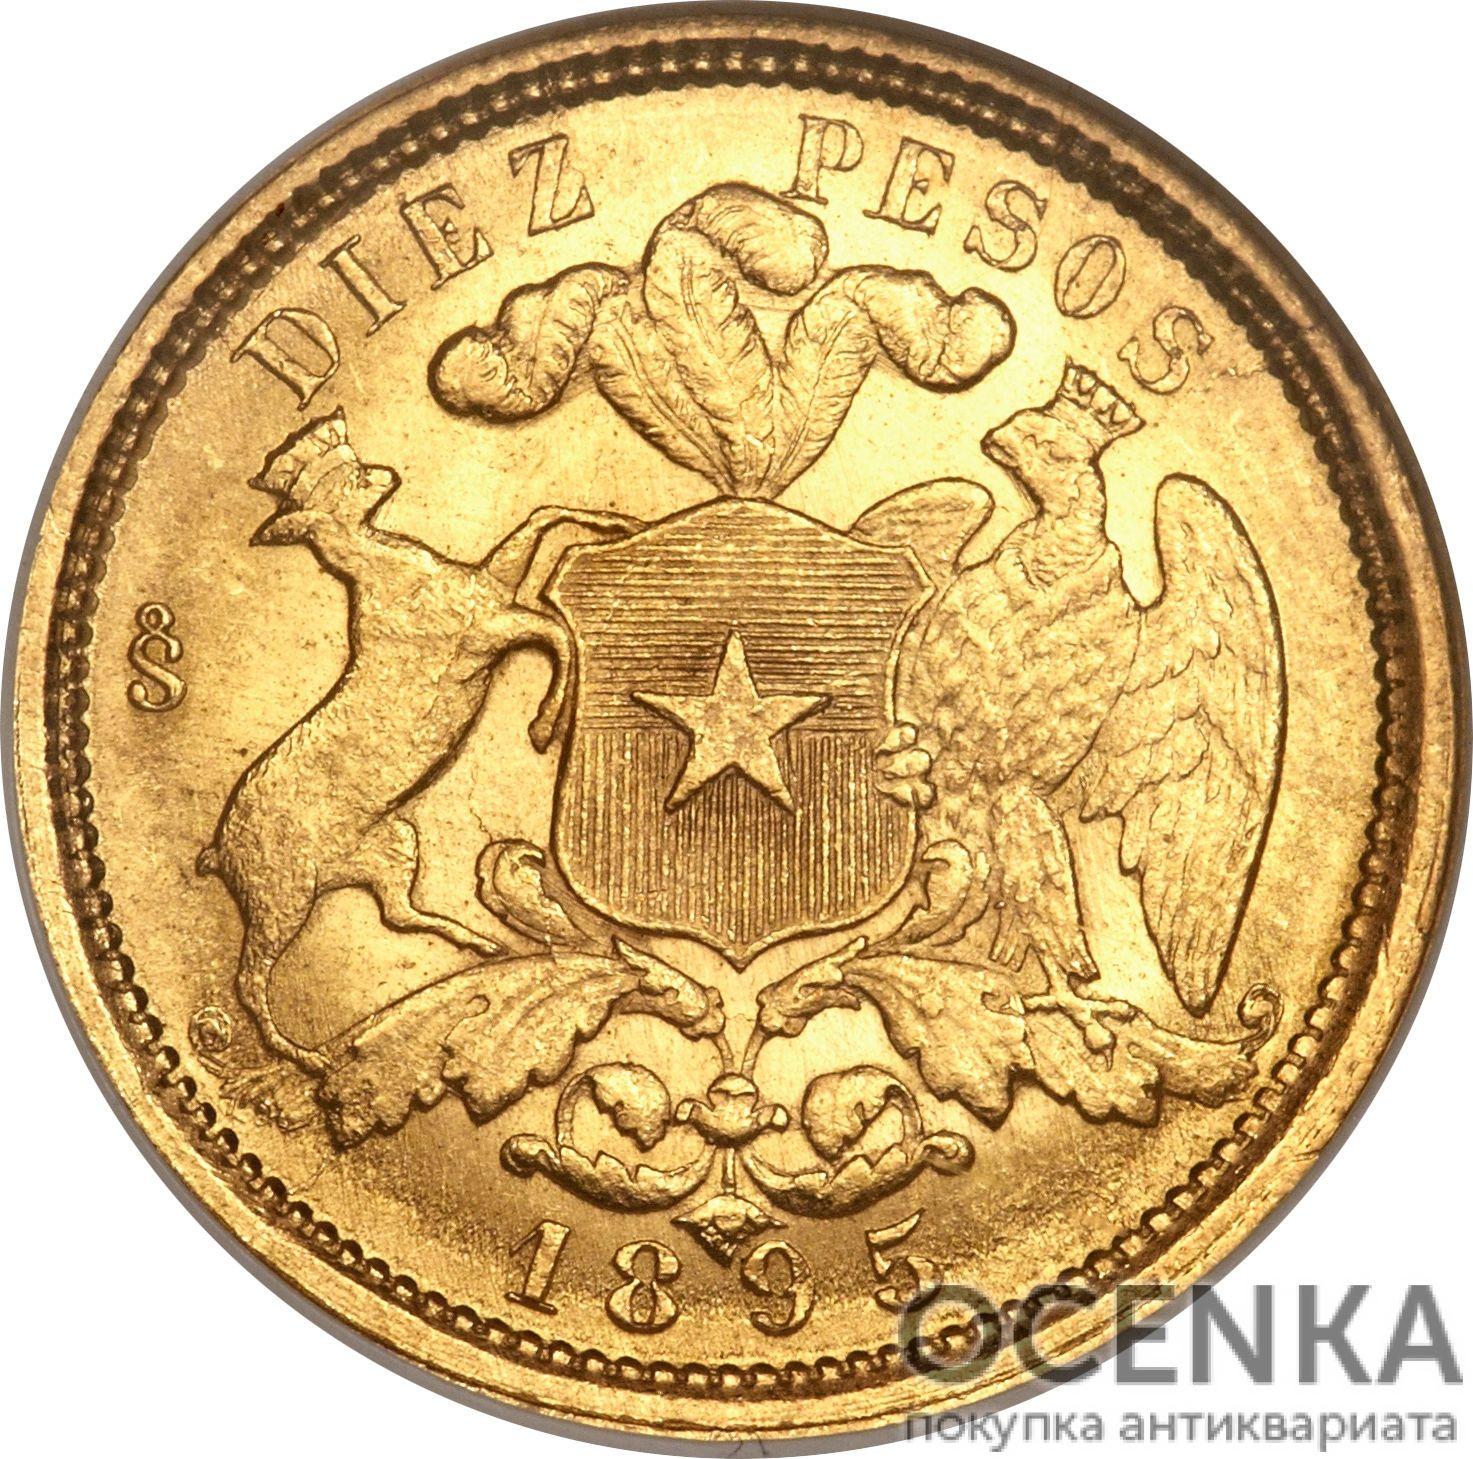 Золотая монета 10 Песо (10 Pesos) Чили - 2